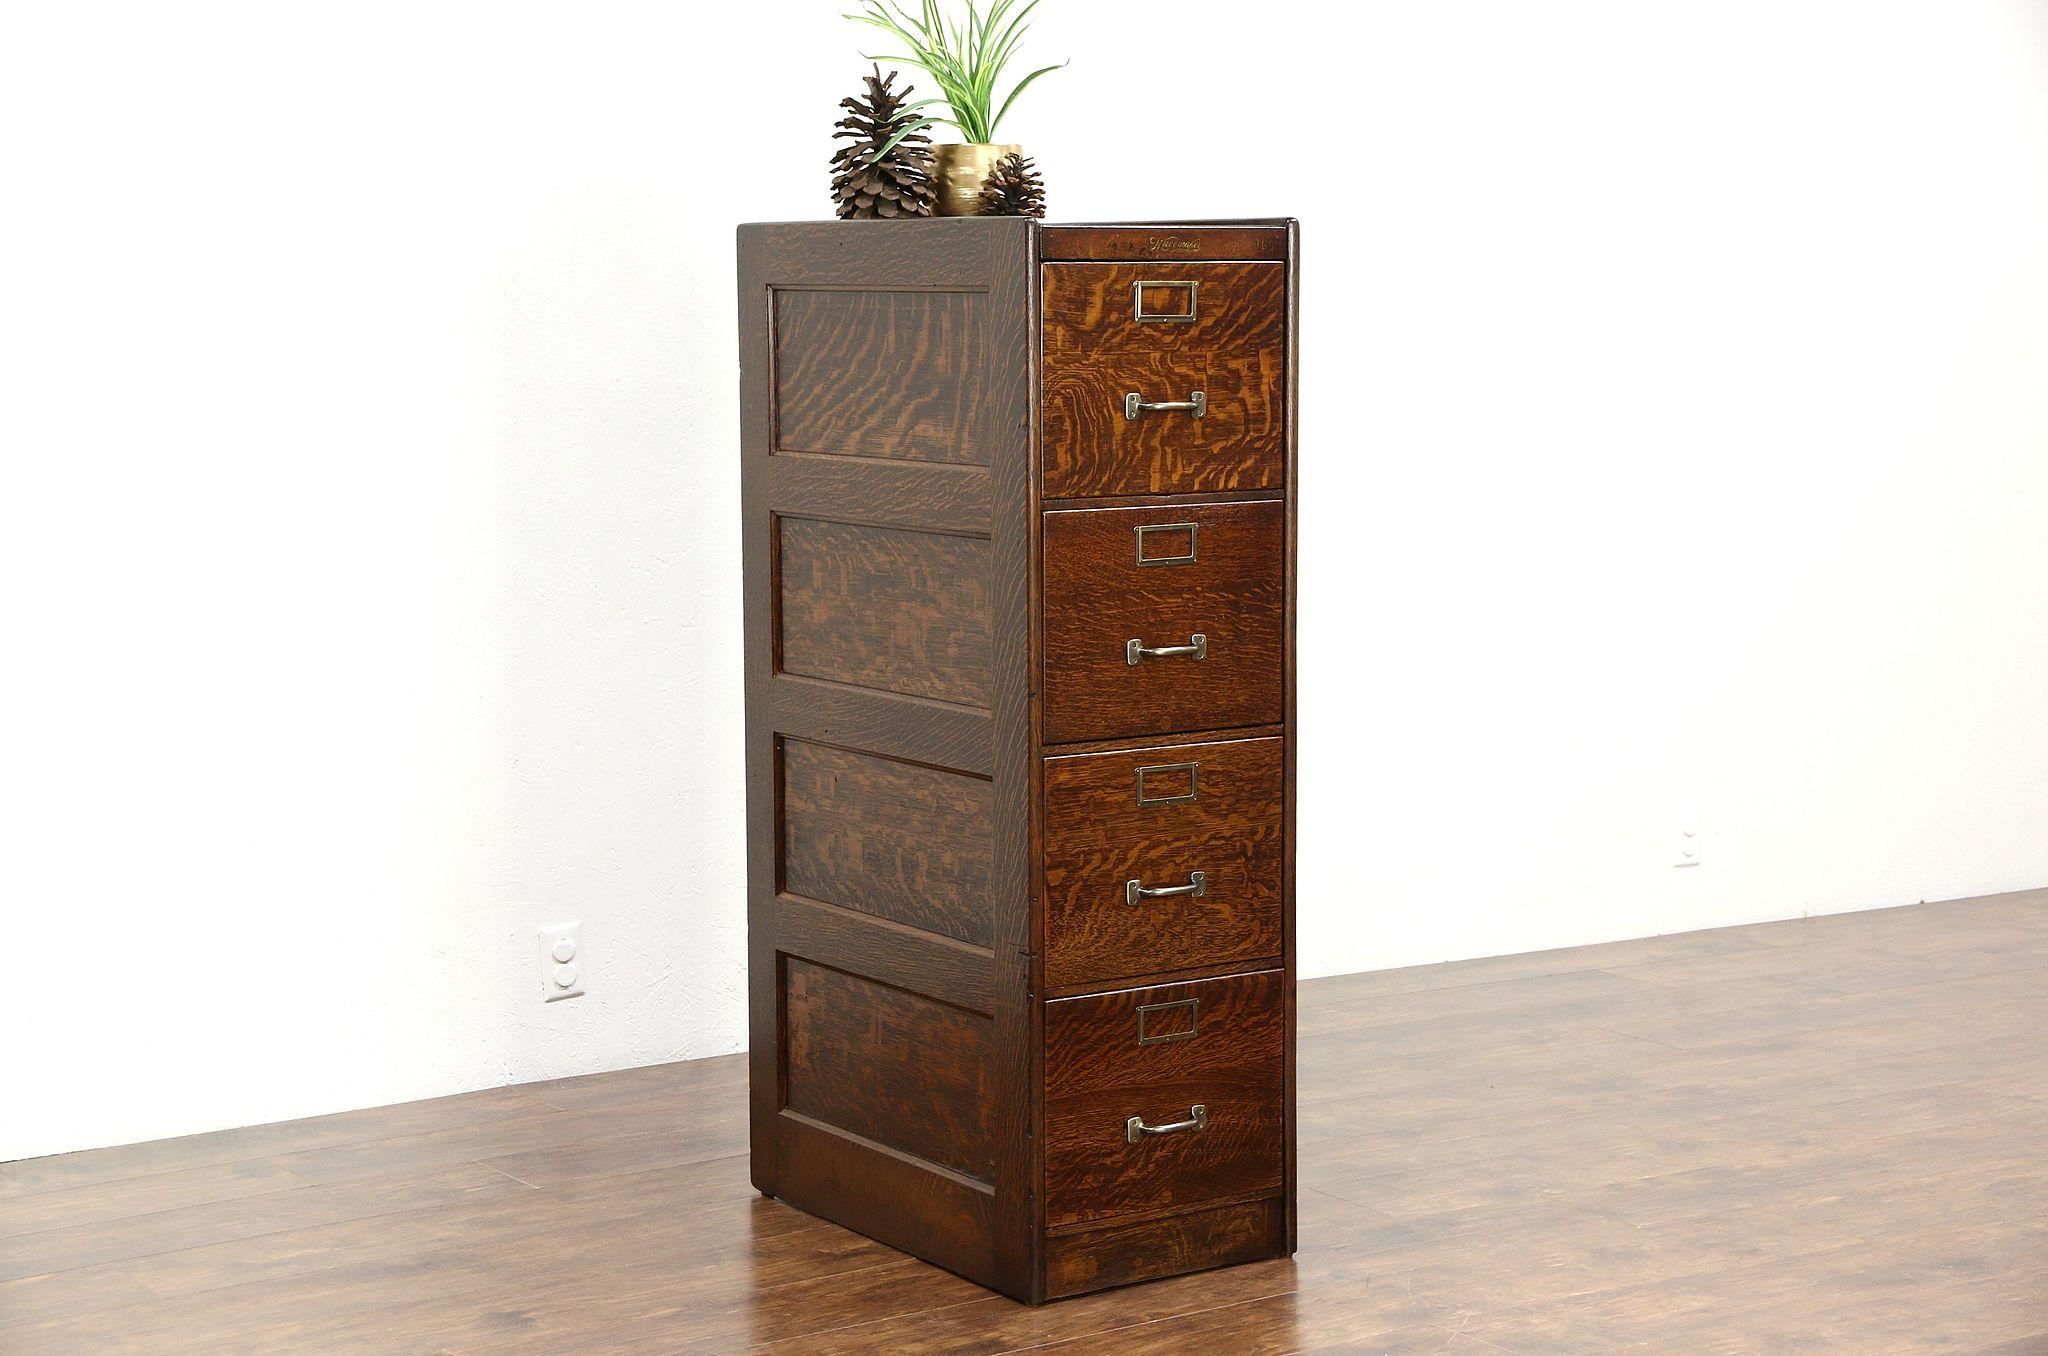 Antique 4 Drawer File Cabinet